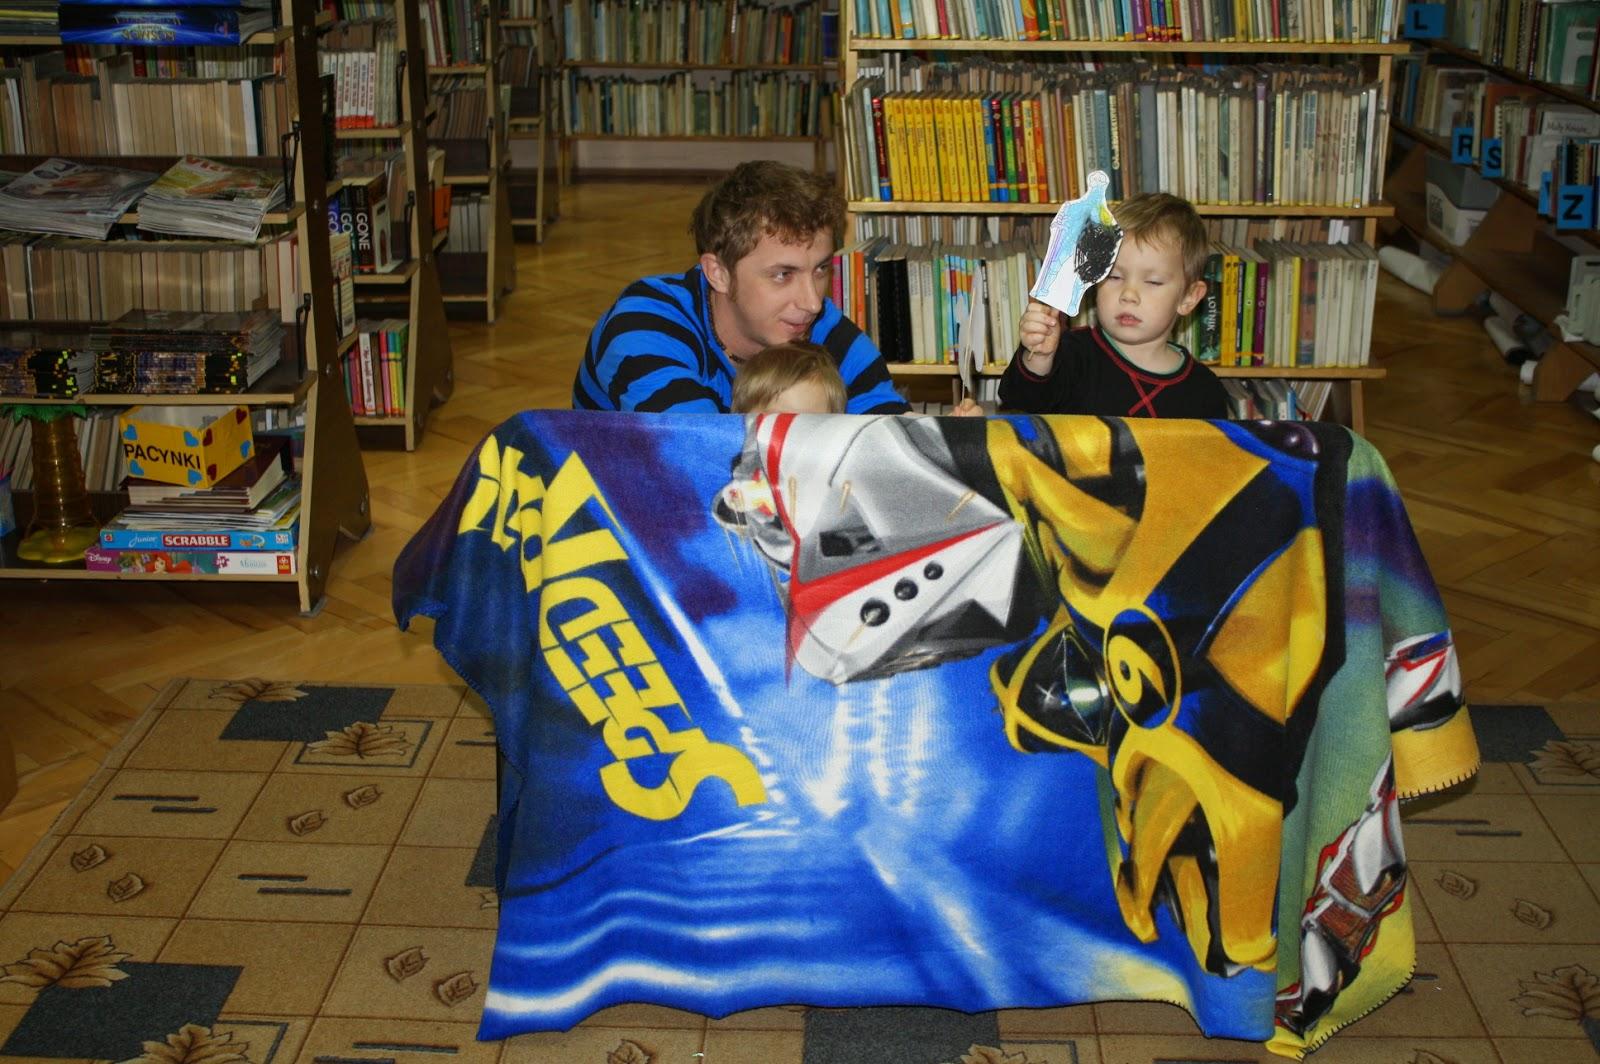 Klub Czytających Rodzin Bookolandia Ballada O Uprzejmym